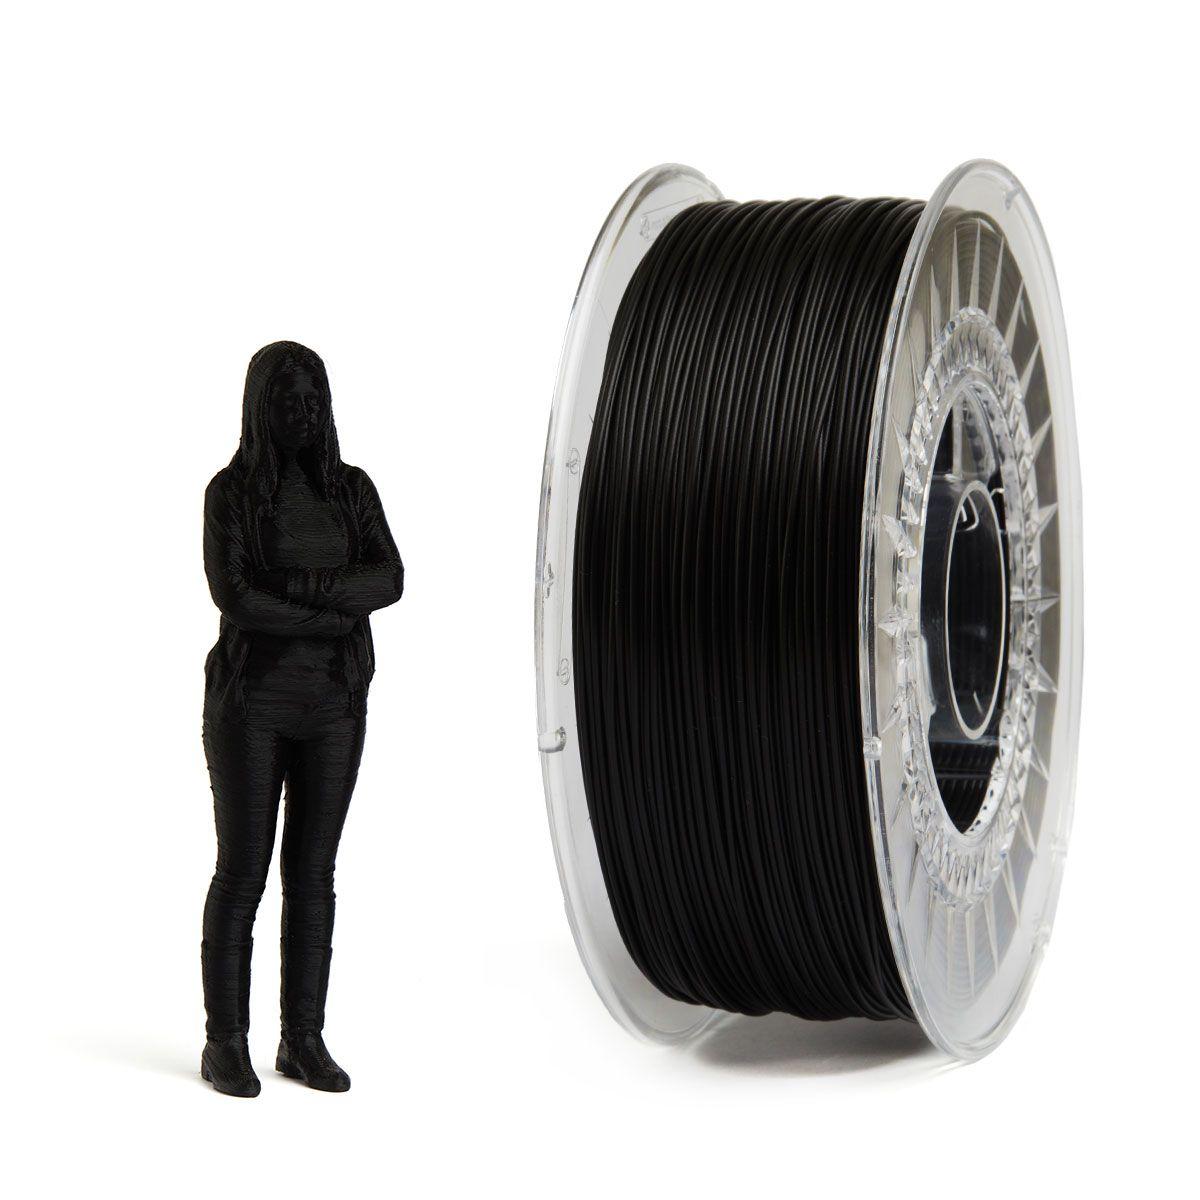 FAST PRINTS PLA Filament | Color: Black